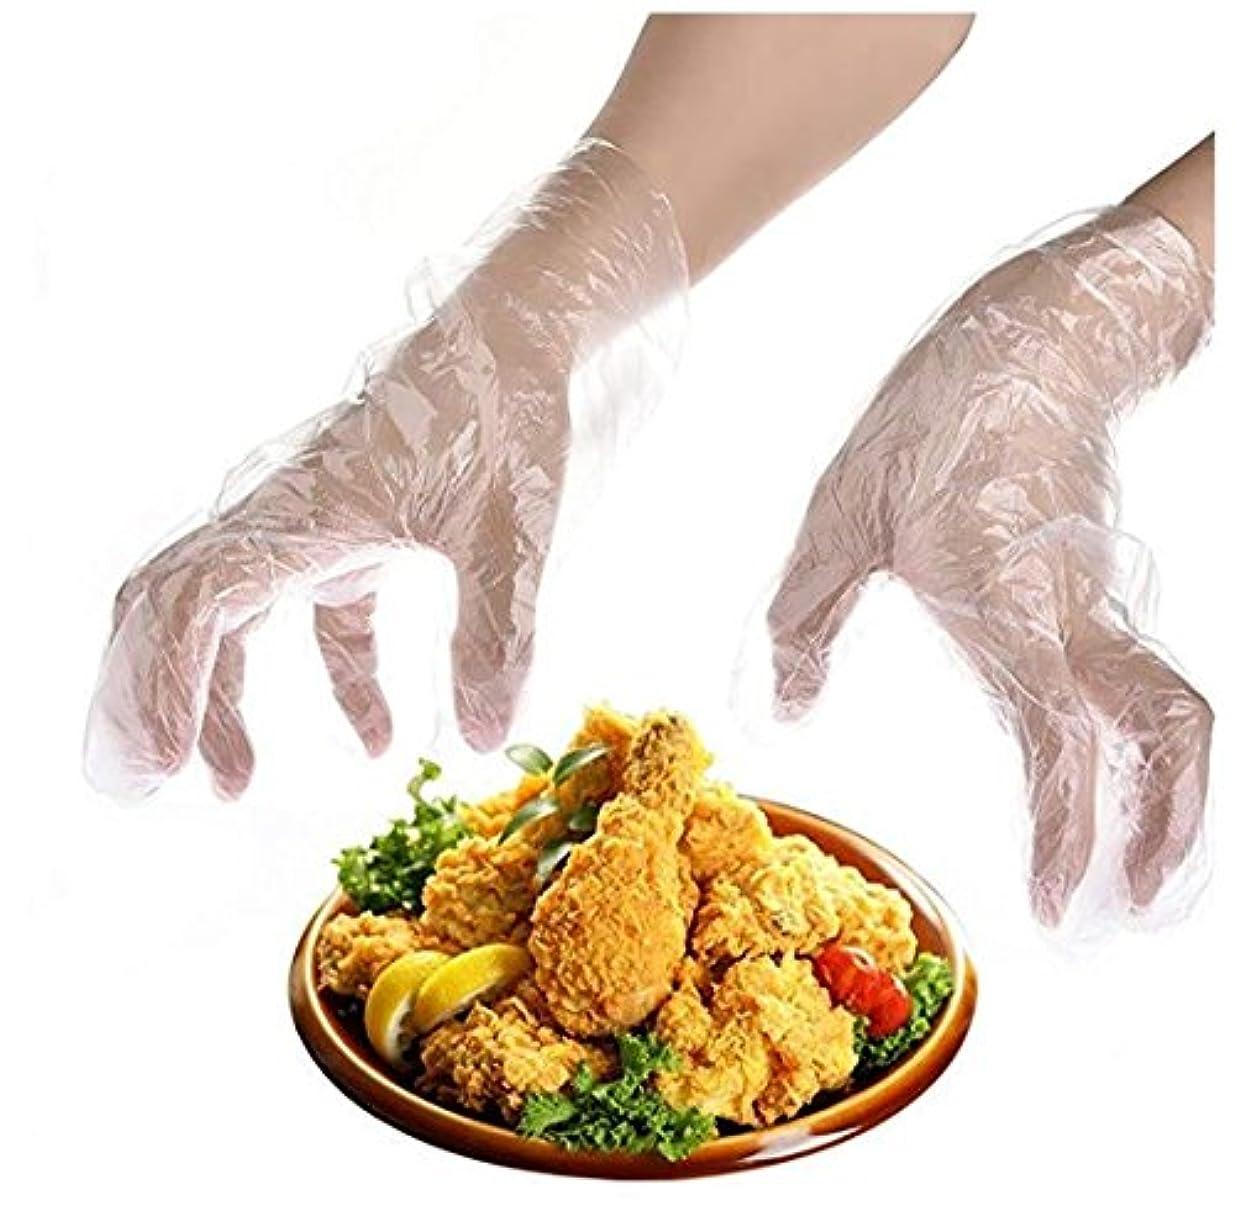 メンバーみなさん幽霊Heyuni.使い捨て手袋 極薄ビニール手袋 ポリエチレン 透明 実用 衛生 100枚